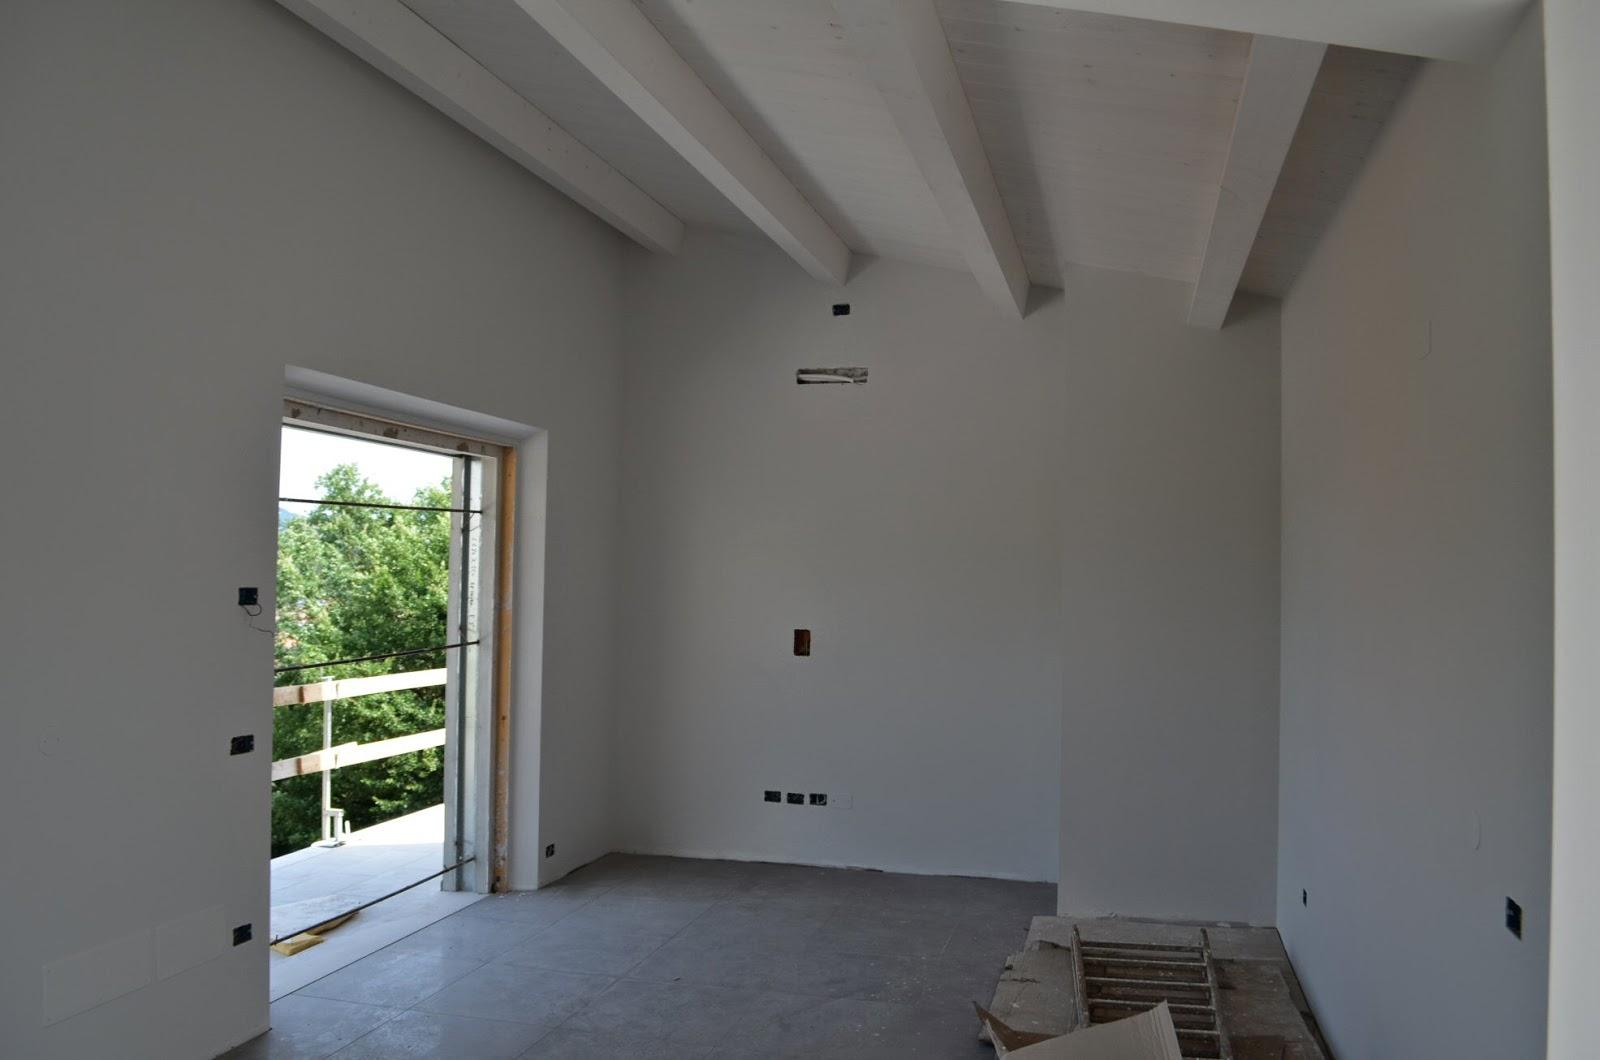 Pareti Colorate Soffitto Bianco : ... con le pareti colorate in grigio ...